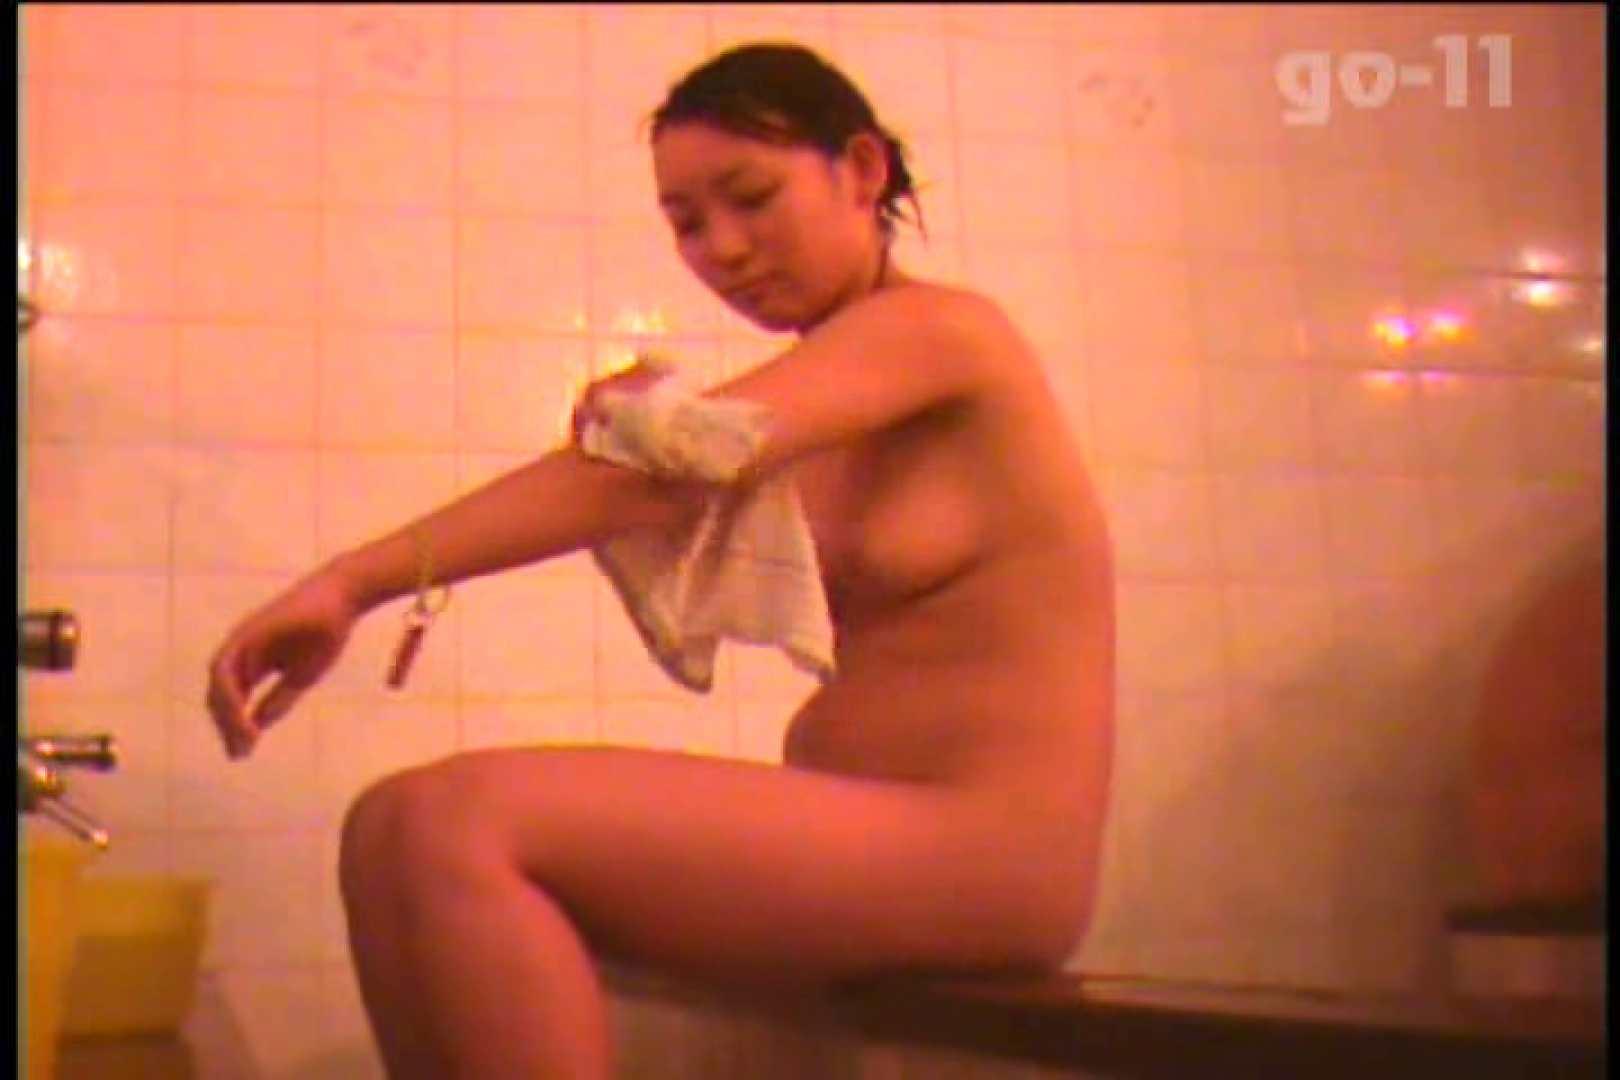 電波カメラ設置浴場からの防HAN映像 Vol.11 盗撮編 性交動画流出 76枚 4